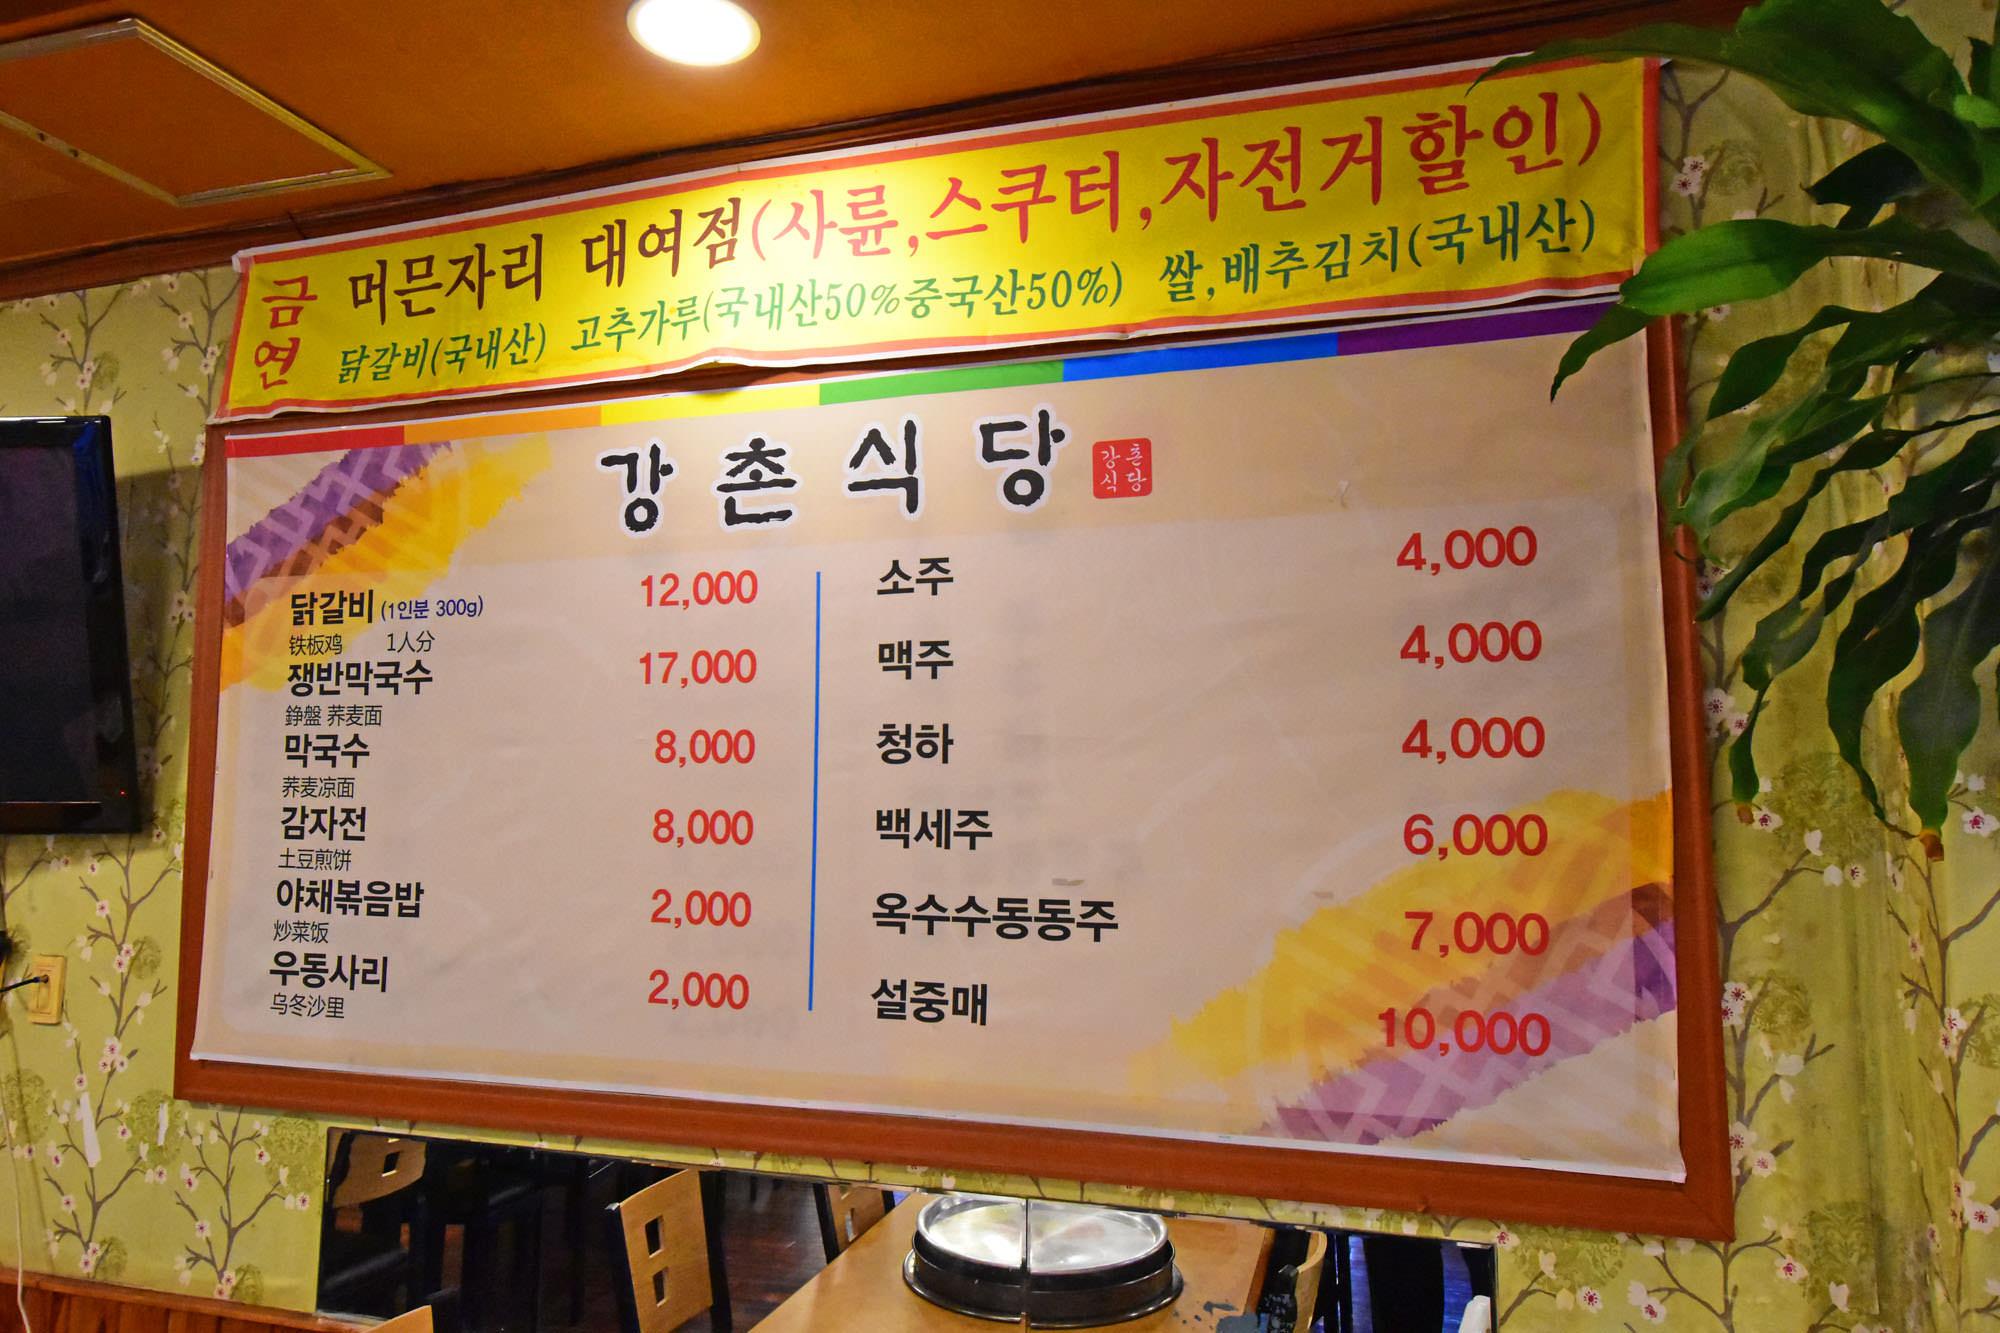 강촌식당 이미지 7